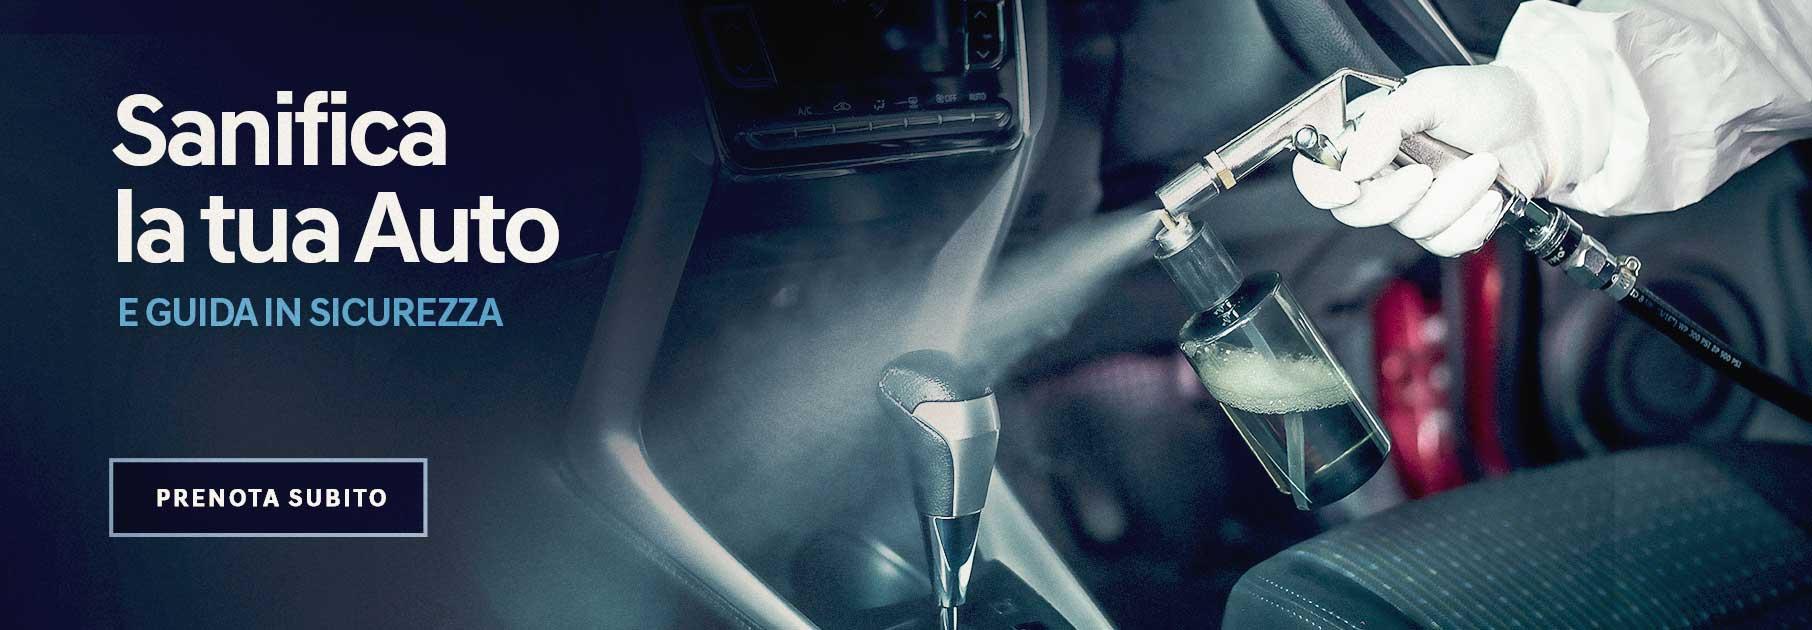 Sanifica la tua auto e guida in sicurezza